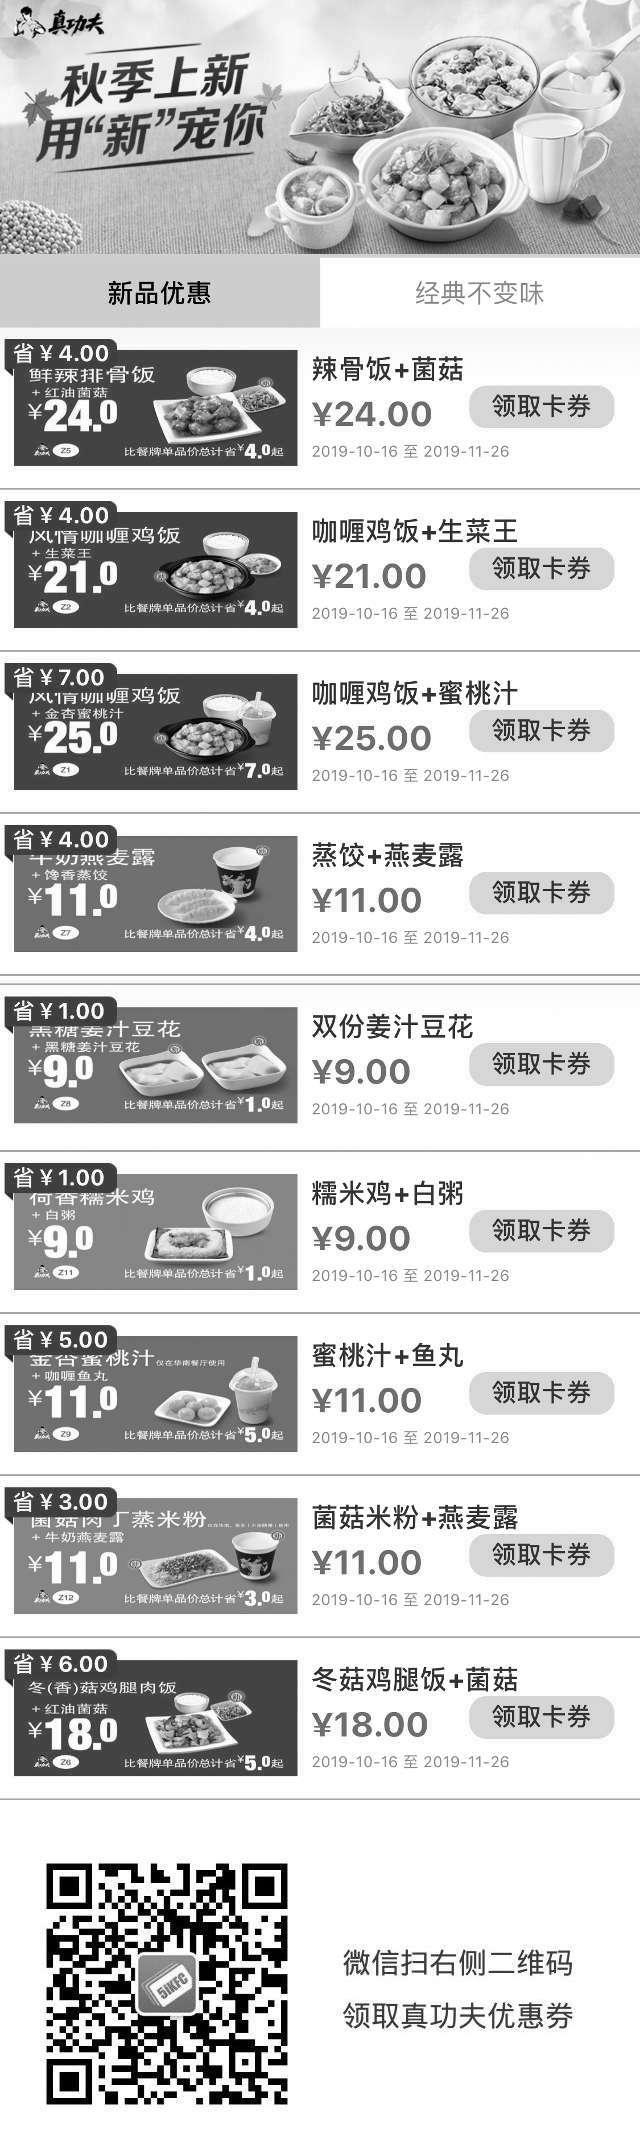 黑白优惠券图片:真功夫2019年10月11月优惠券卡券,米饭套餐优惠价21元起 - www.5ikfc.com